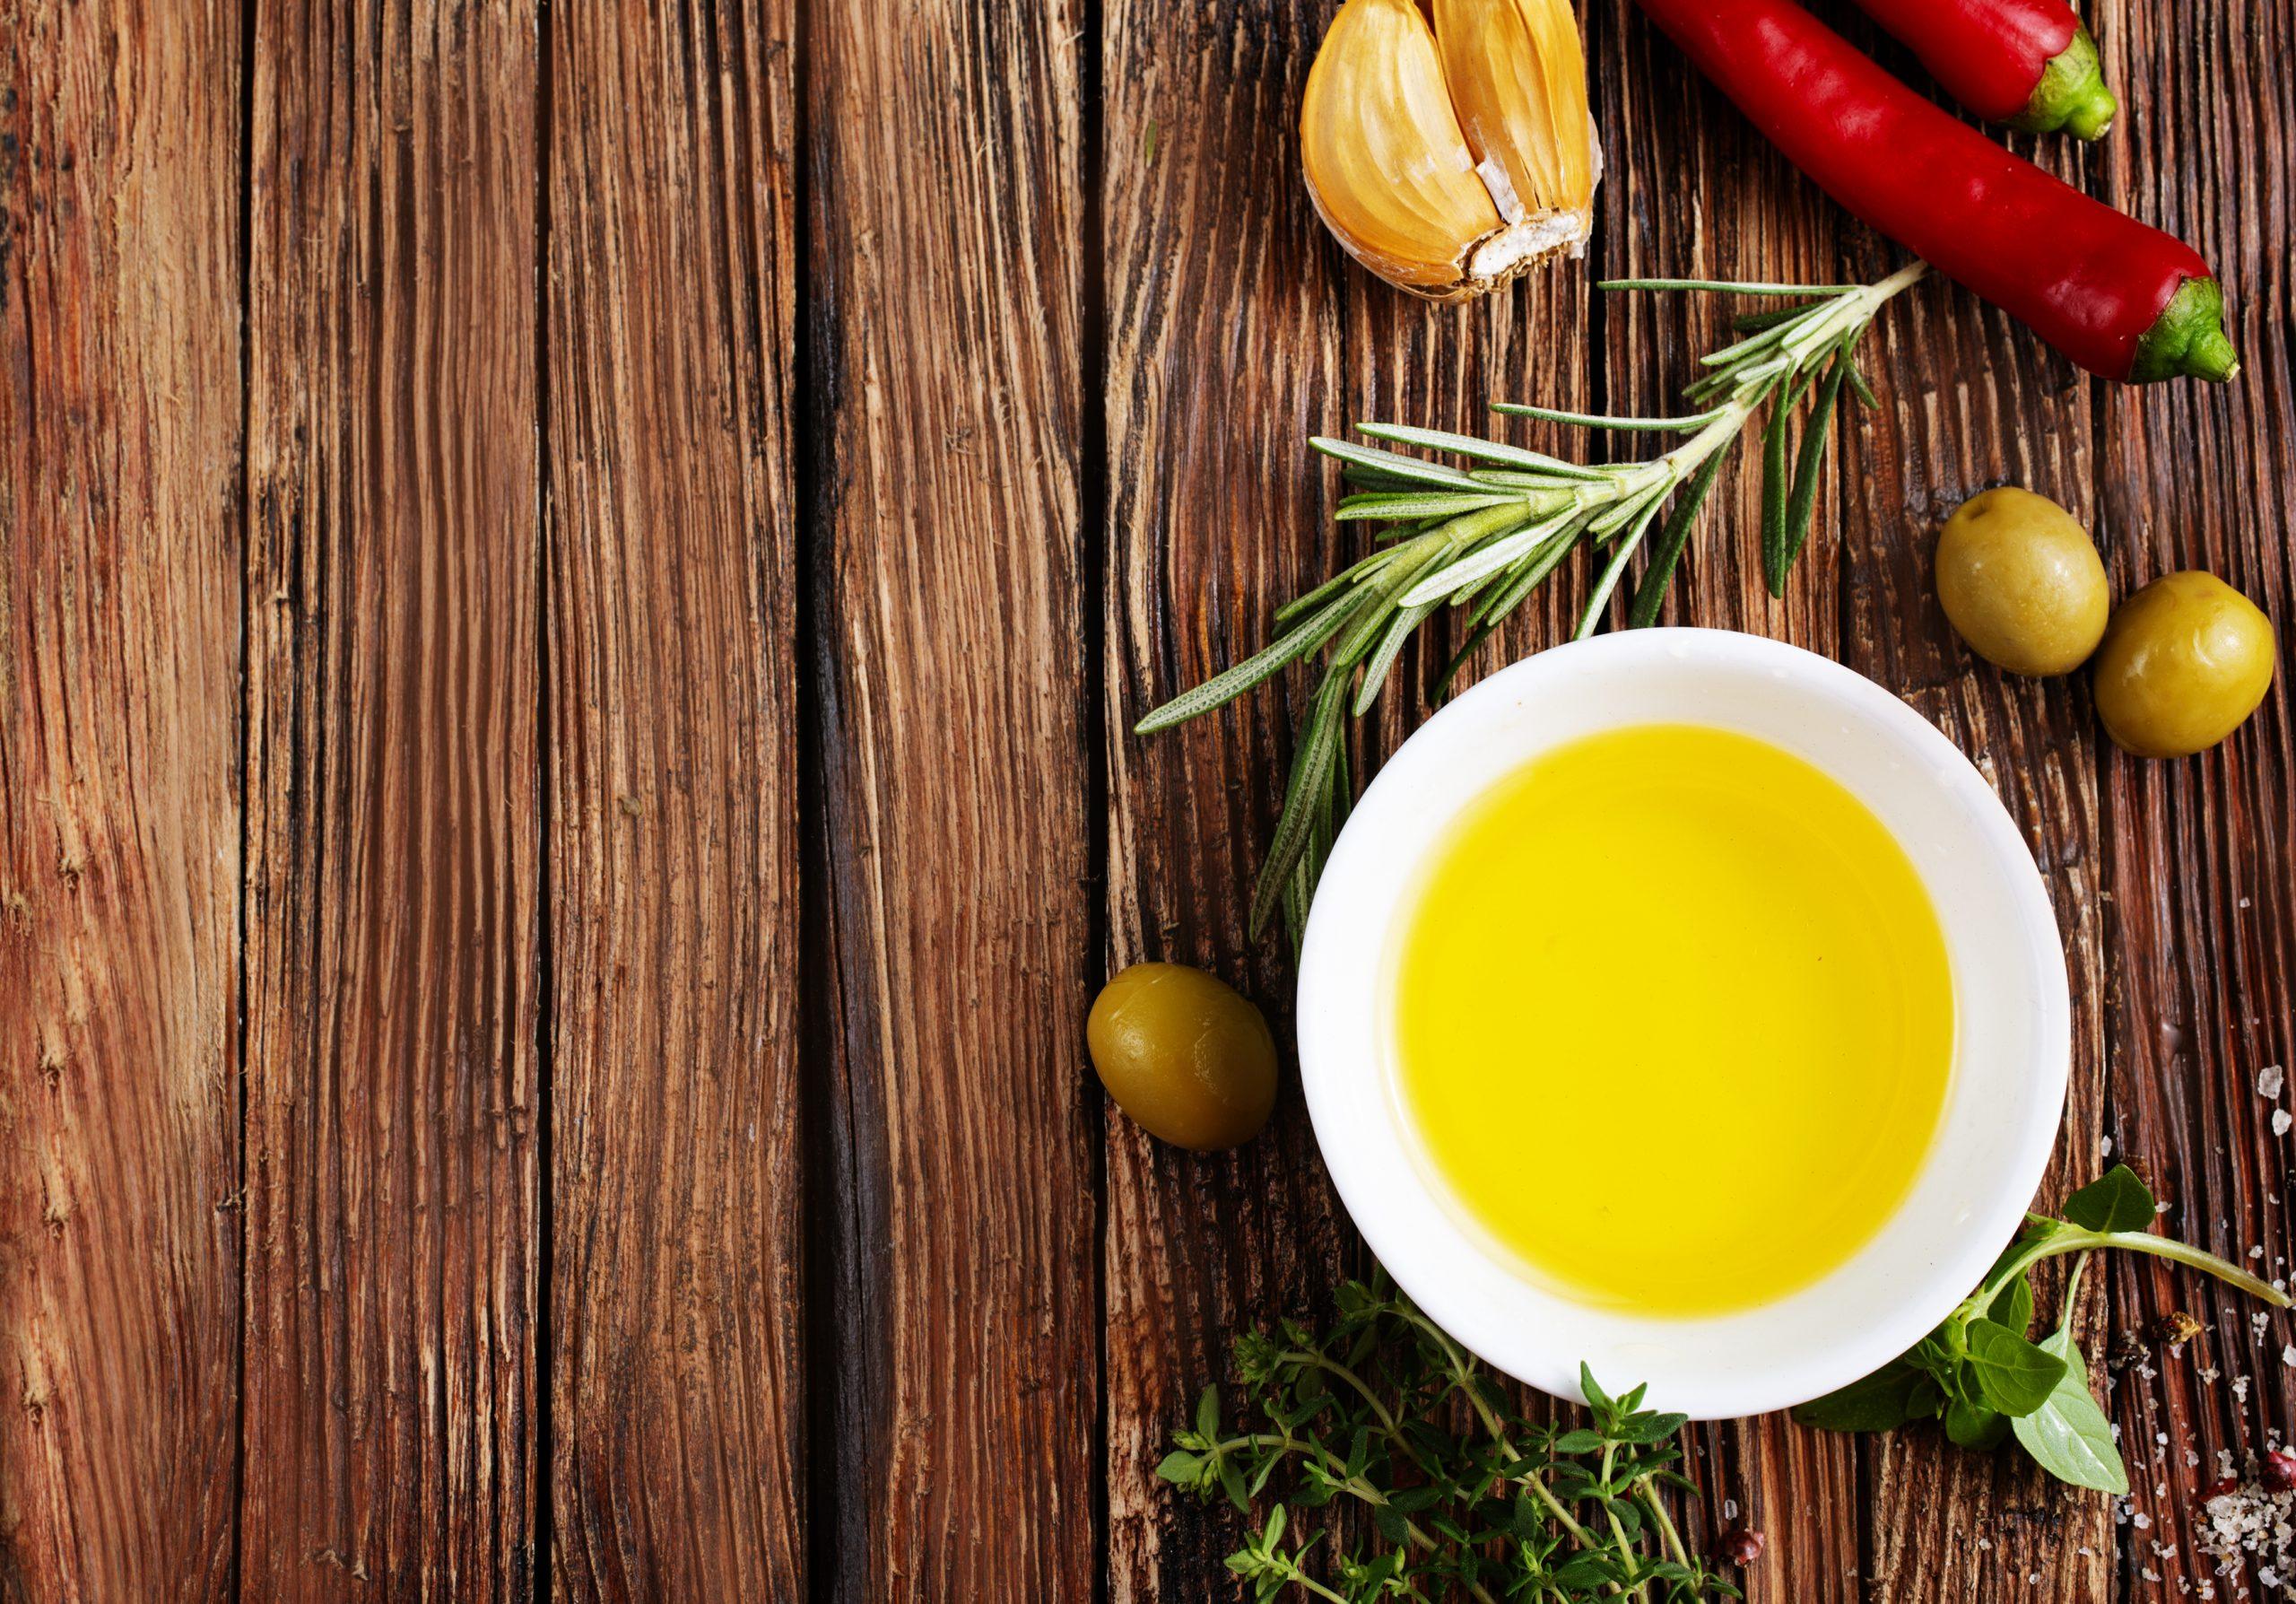 Le proprietà benefiche dell'olio extravergine di oliva